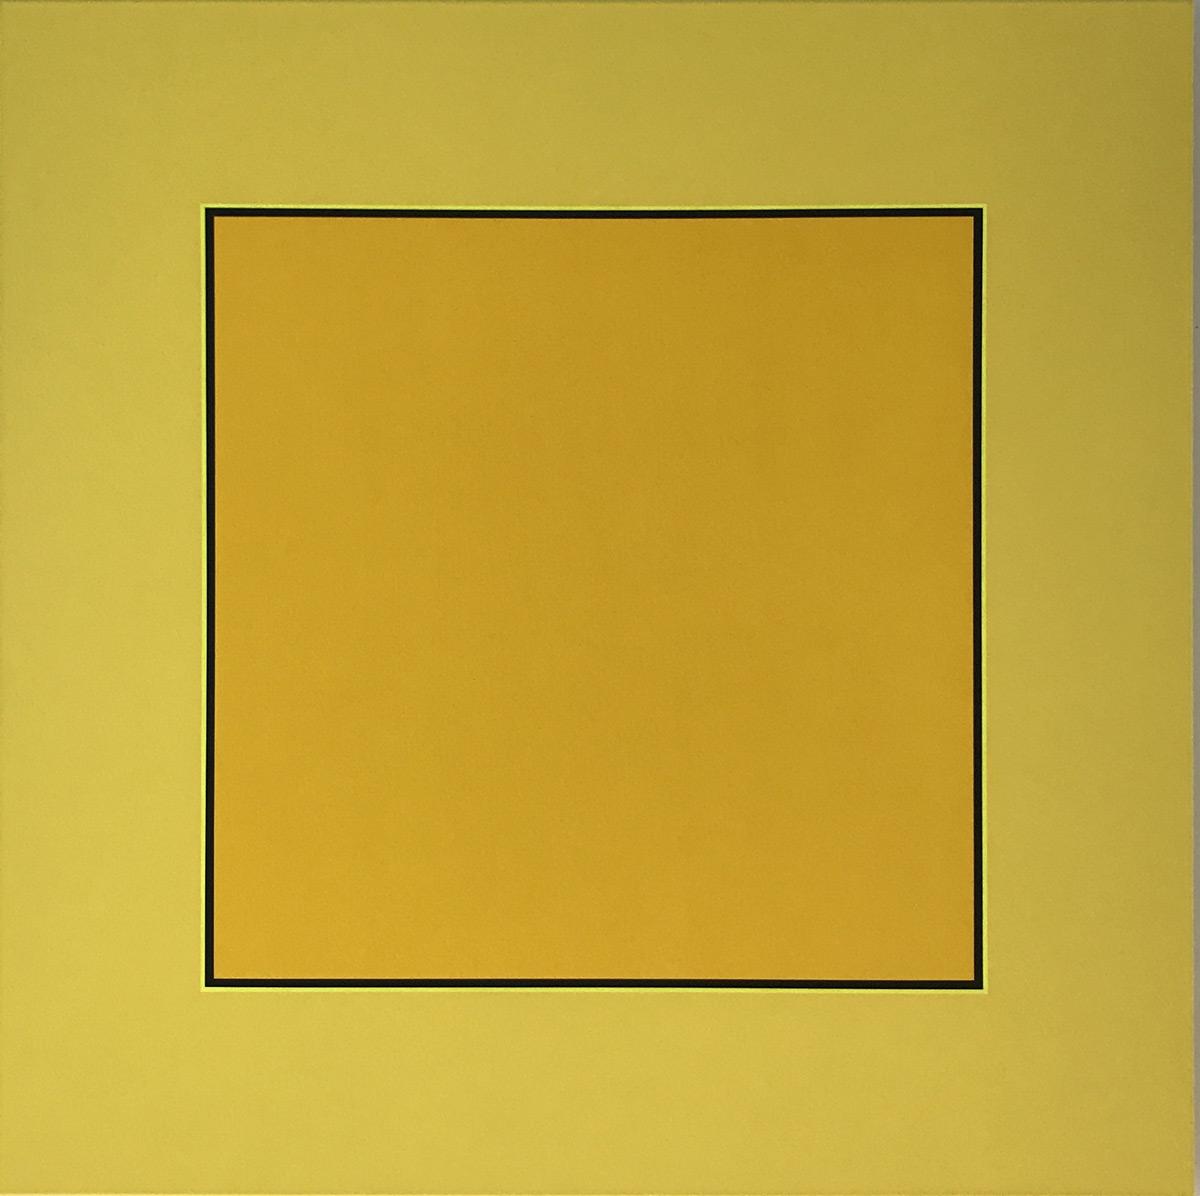 Werk von Ina von Jan konkrete Kunst Phase II Die Kraft der Farbe Gelb